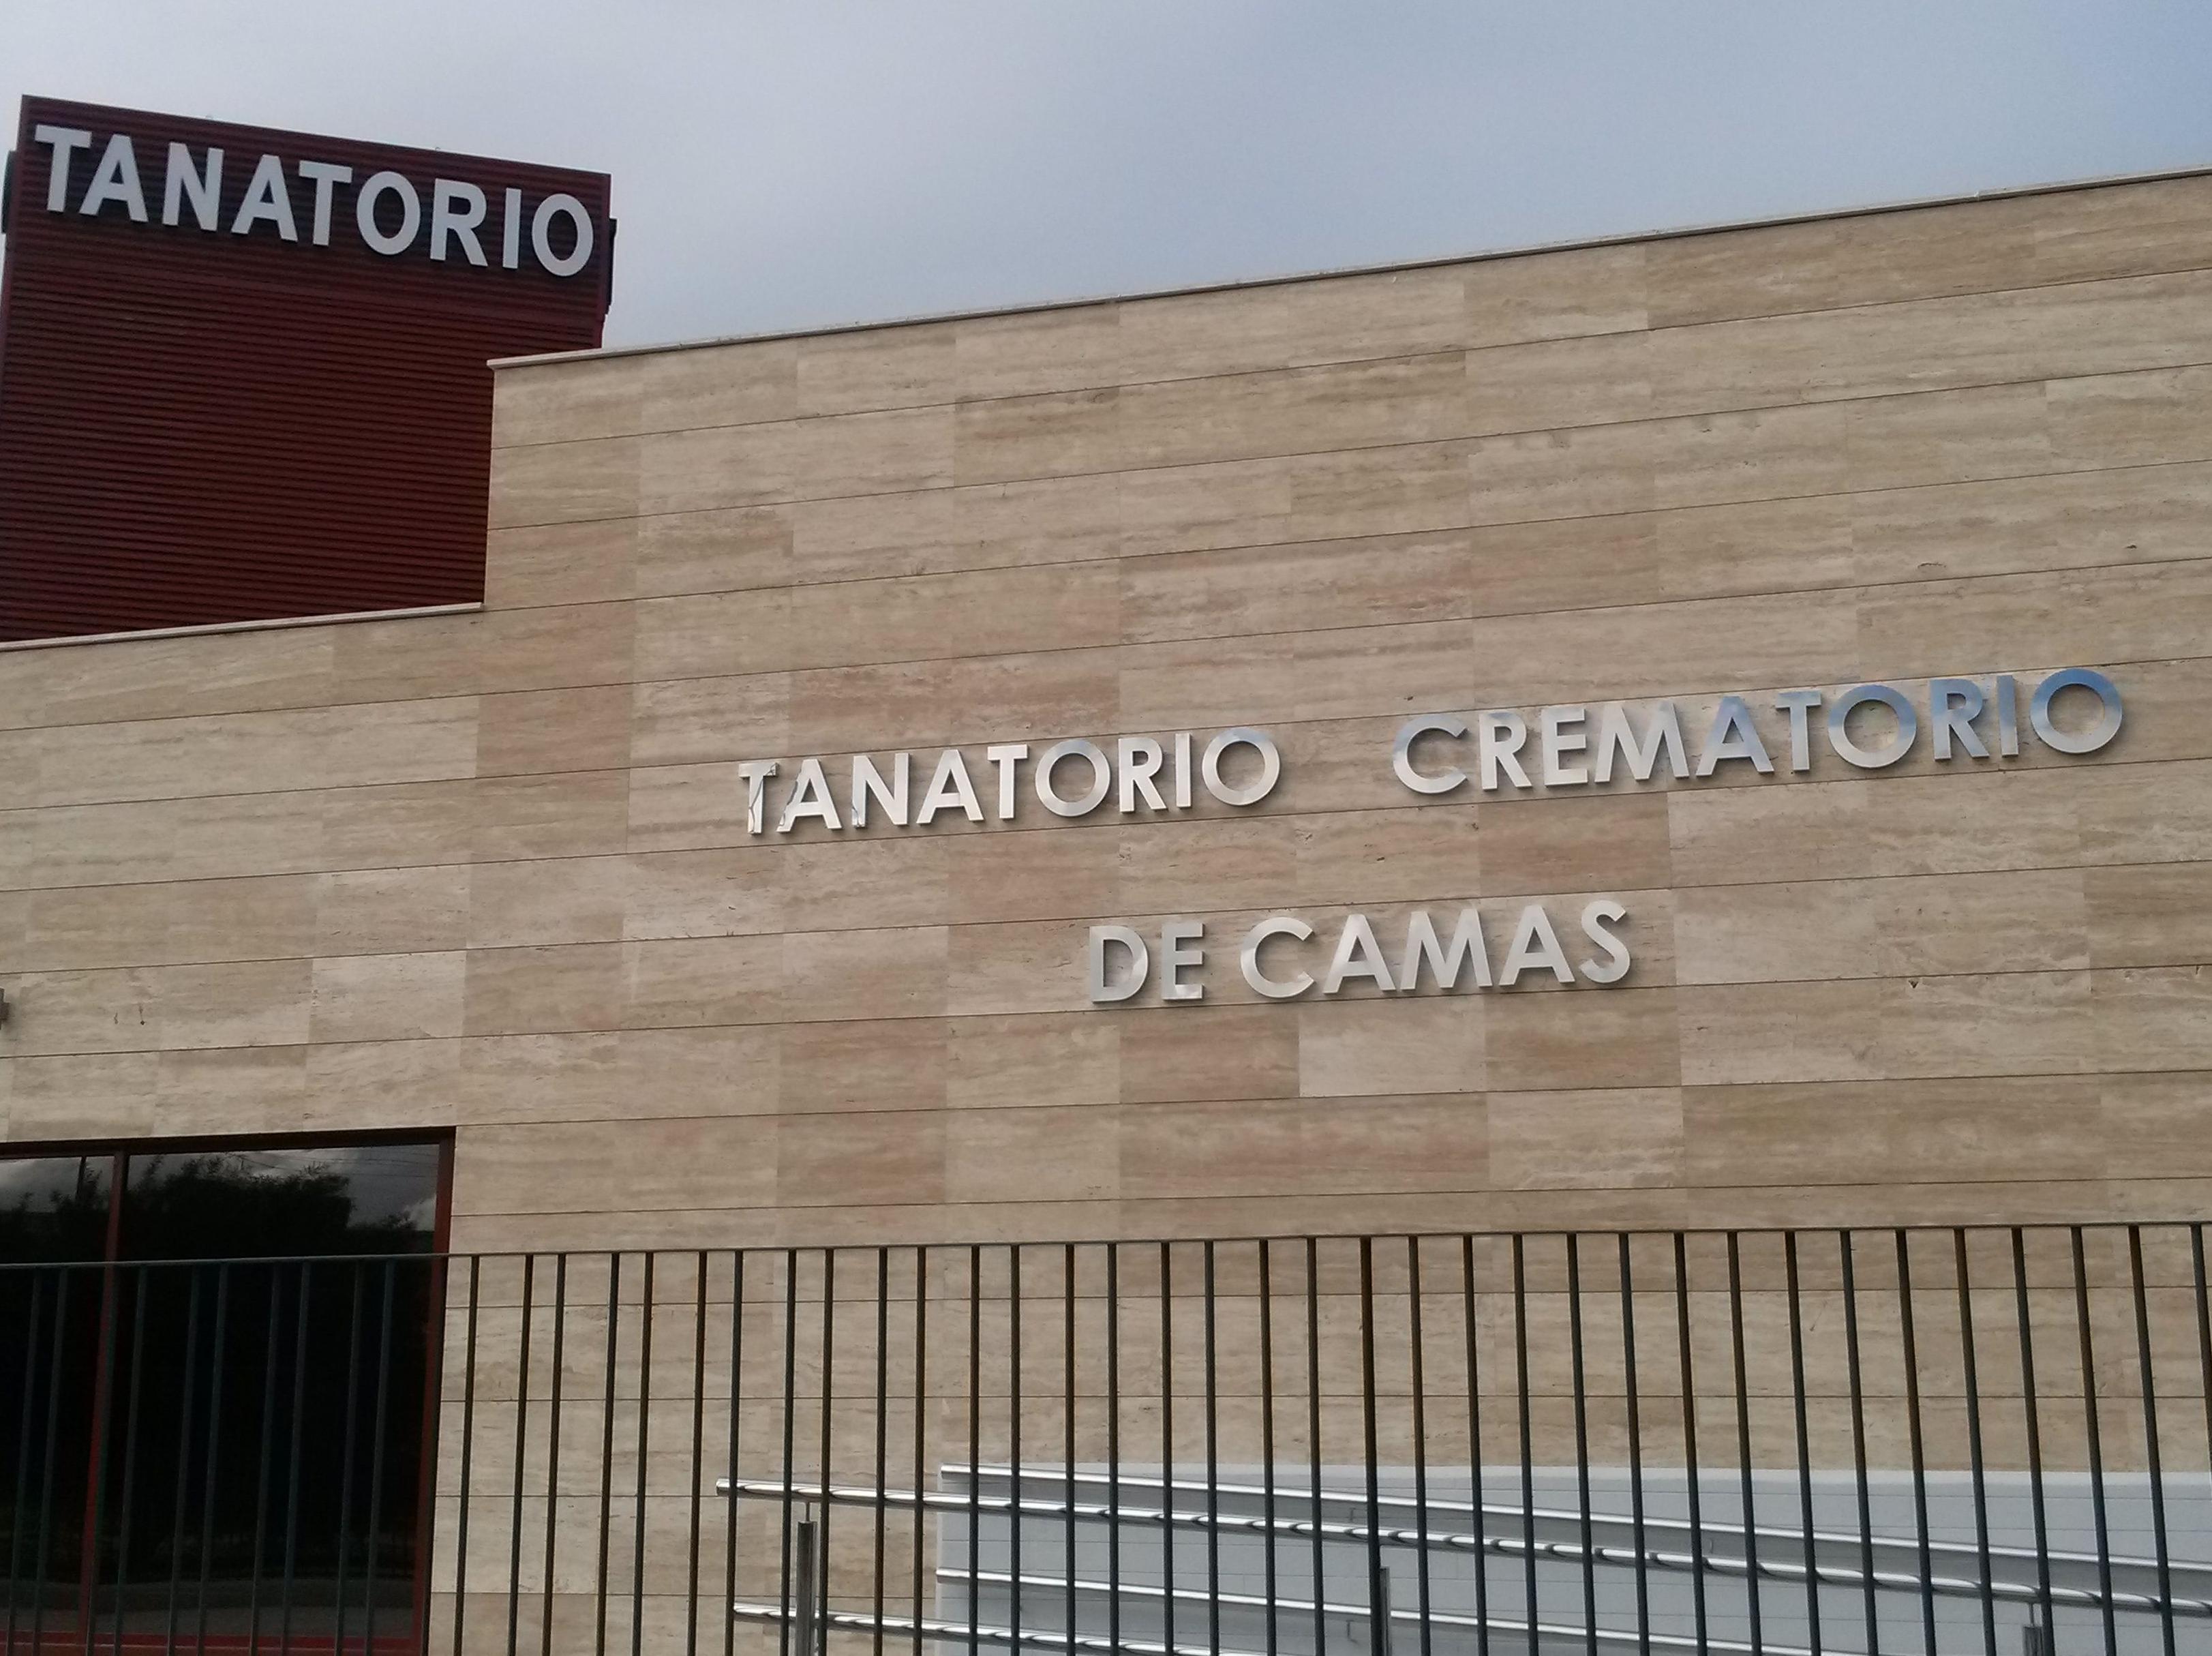 Foto 2 de Funerarias en Camas | Tanatorio Crematorio de Camas - Funeraria Los Angeles